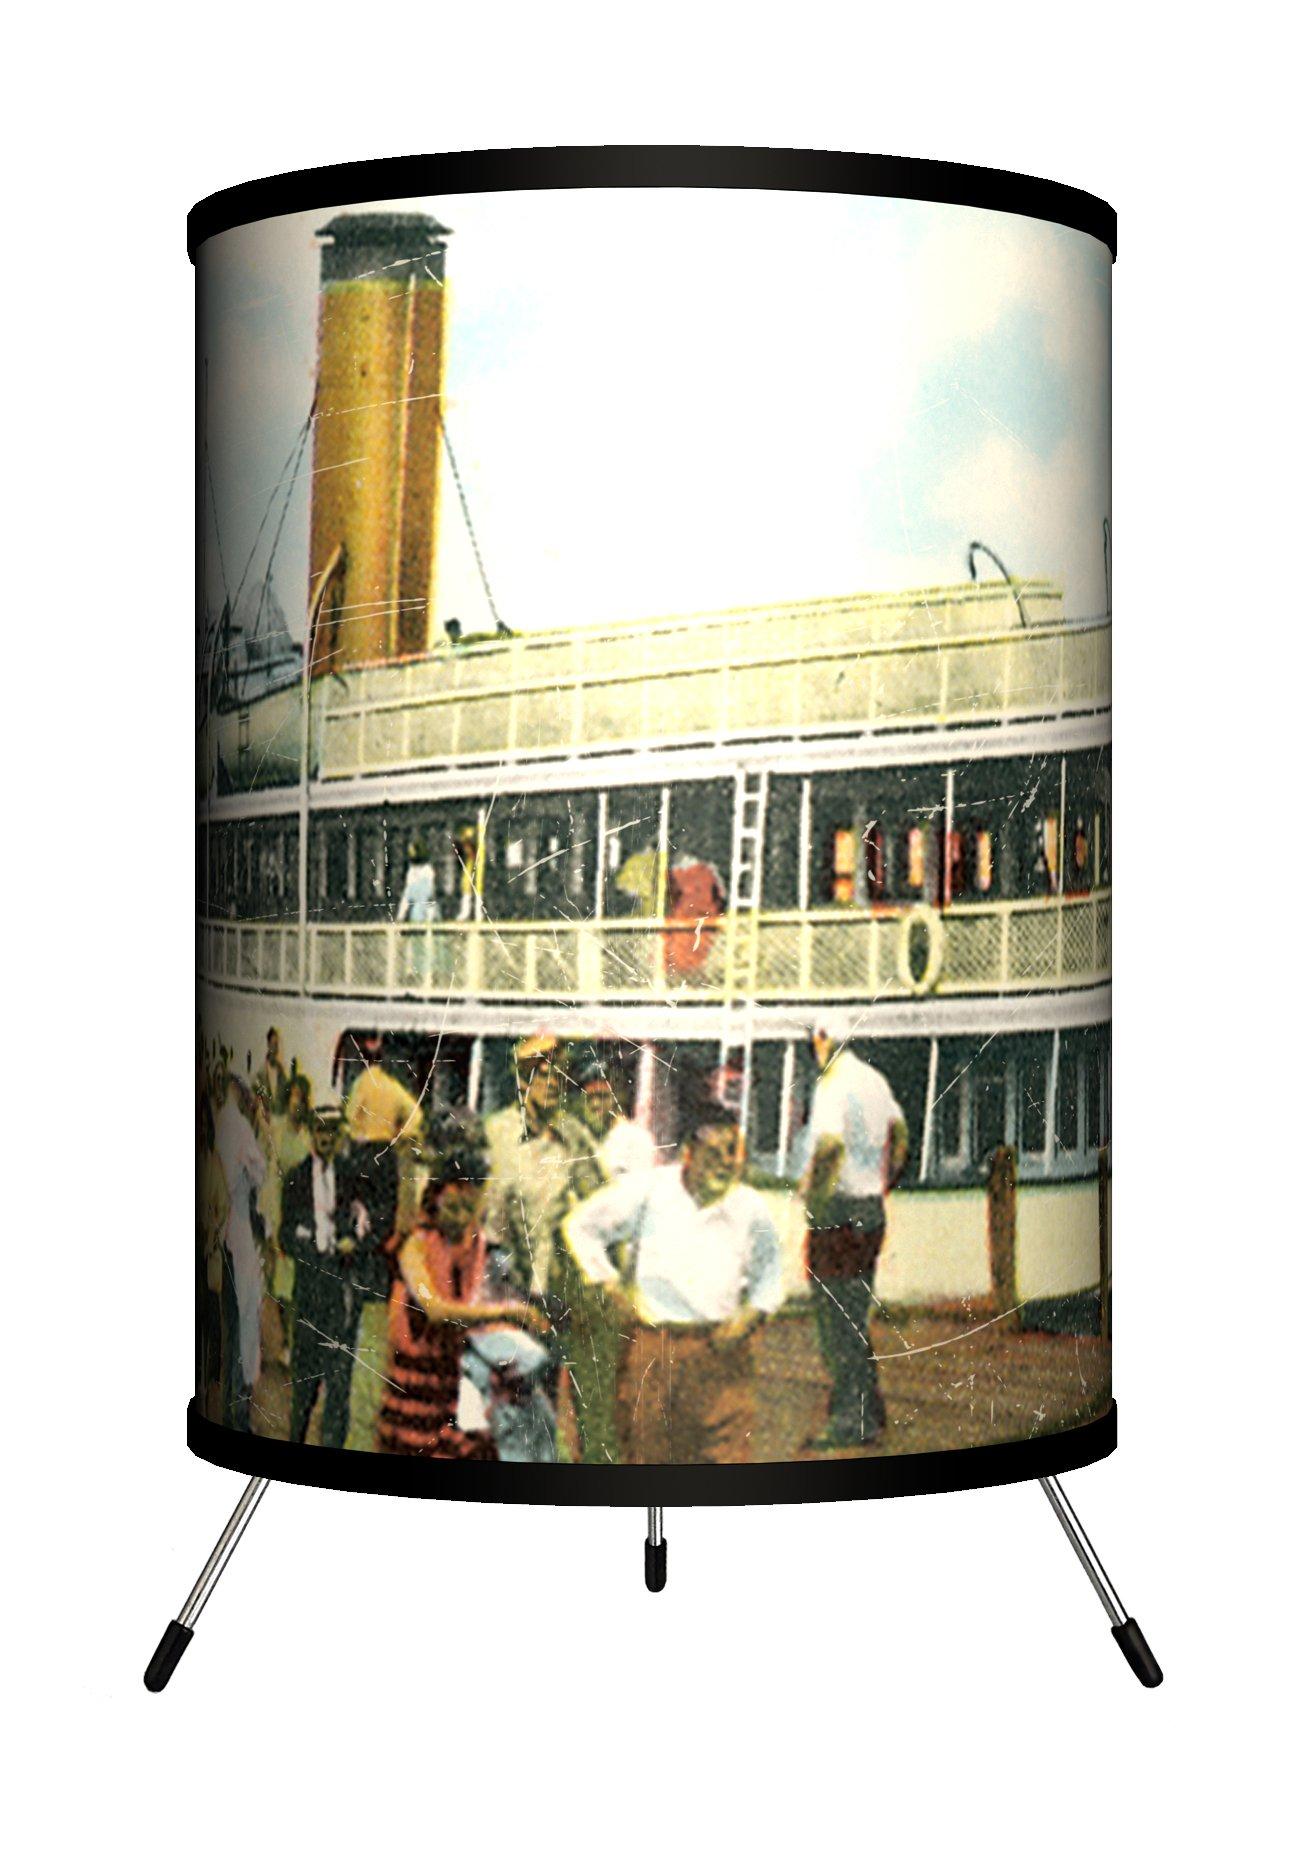 Lamp-In-A-Box TRI-TRV-NEWBI Travel New Harbor, Block Island Postcard Tripod Lamp, 8'' x 8'' x 14'' by Lamp-In-A-Box